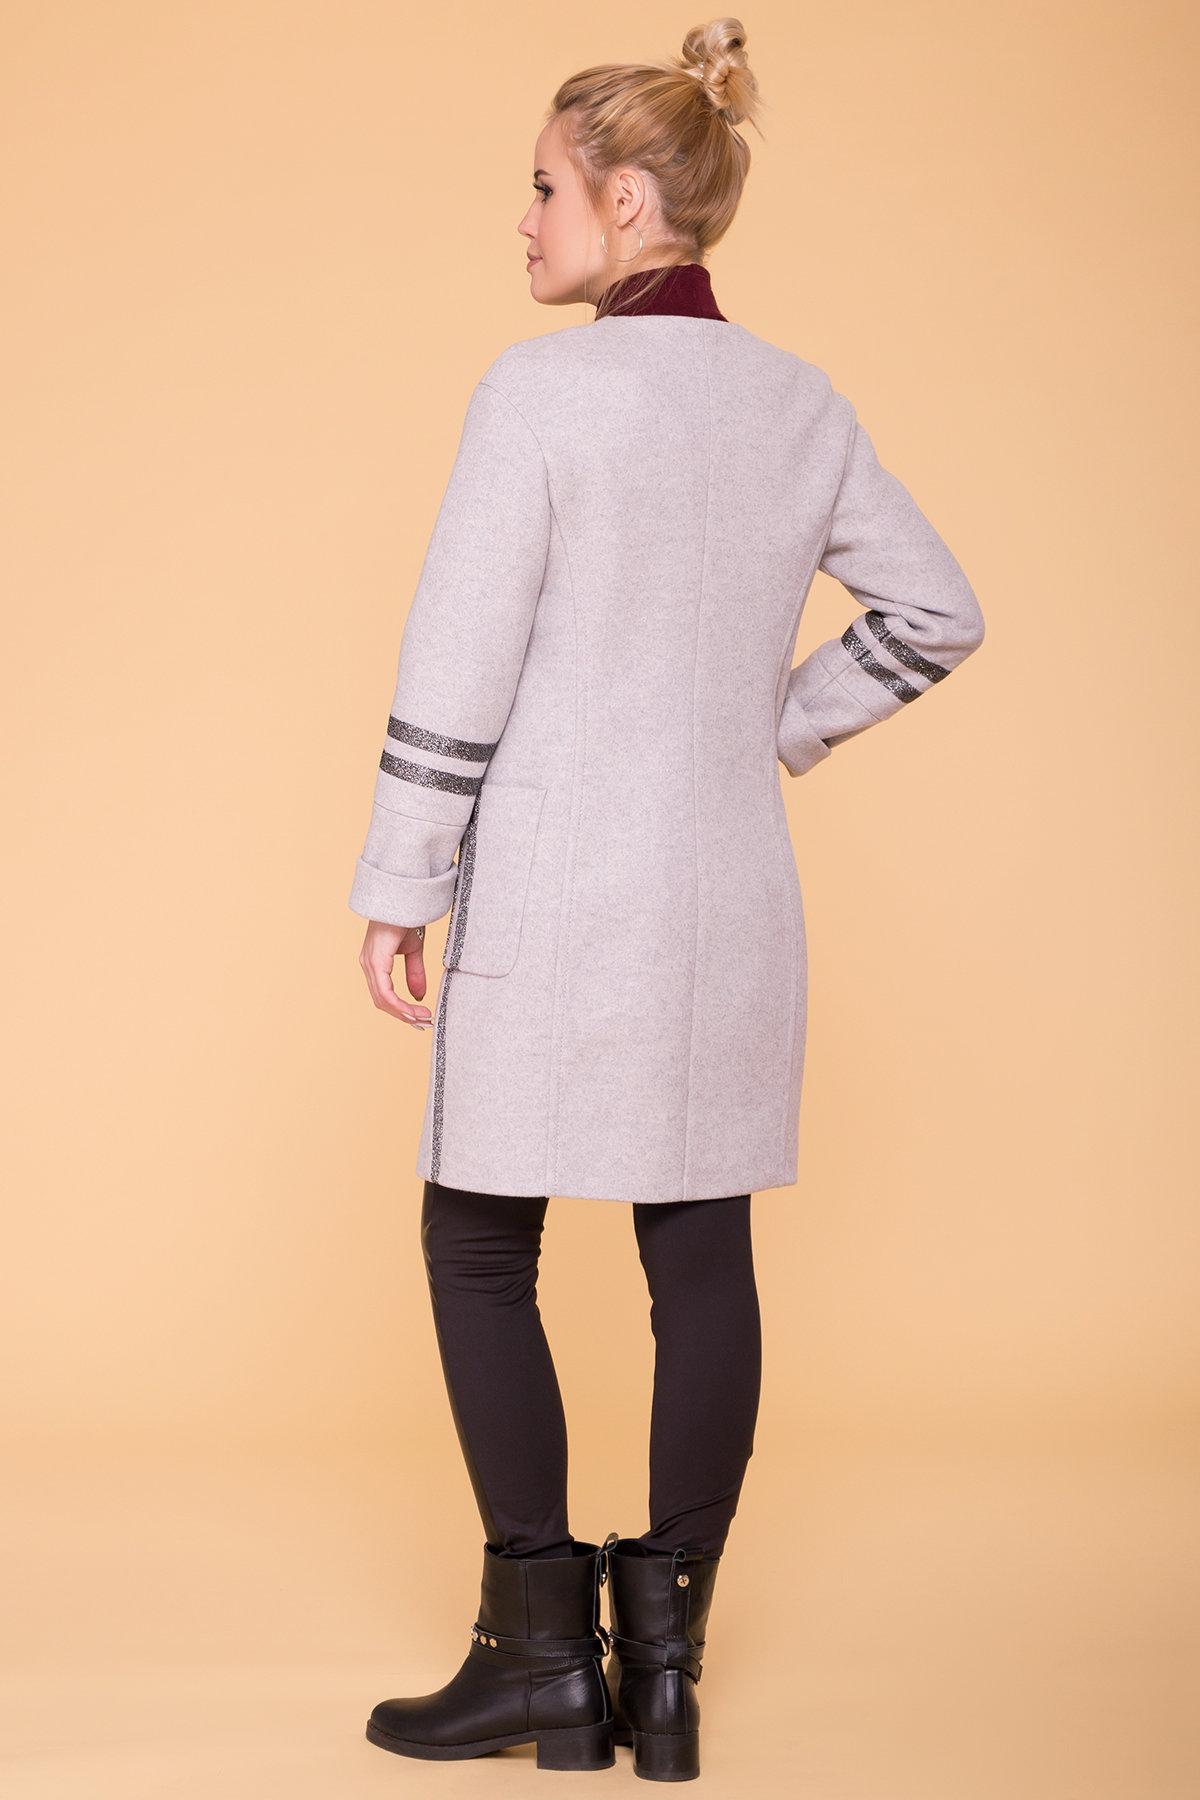 Пальто Приоритет лайт 6307 АРТ. 41093 Цвет: Серый Светлый 27 - фото 2, интернет магазин tm-modus.ru